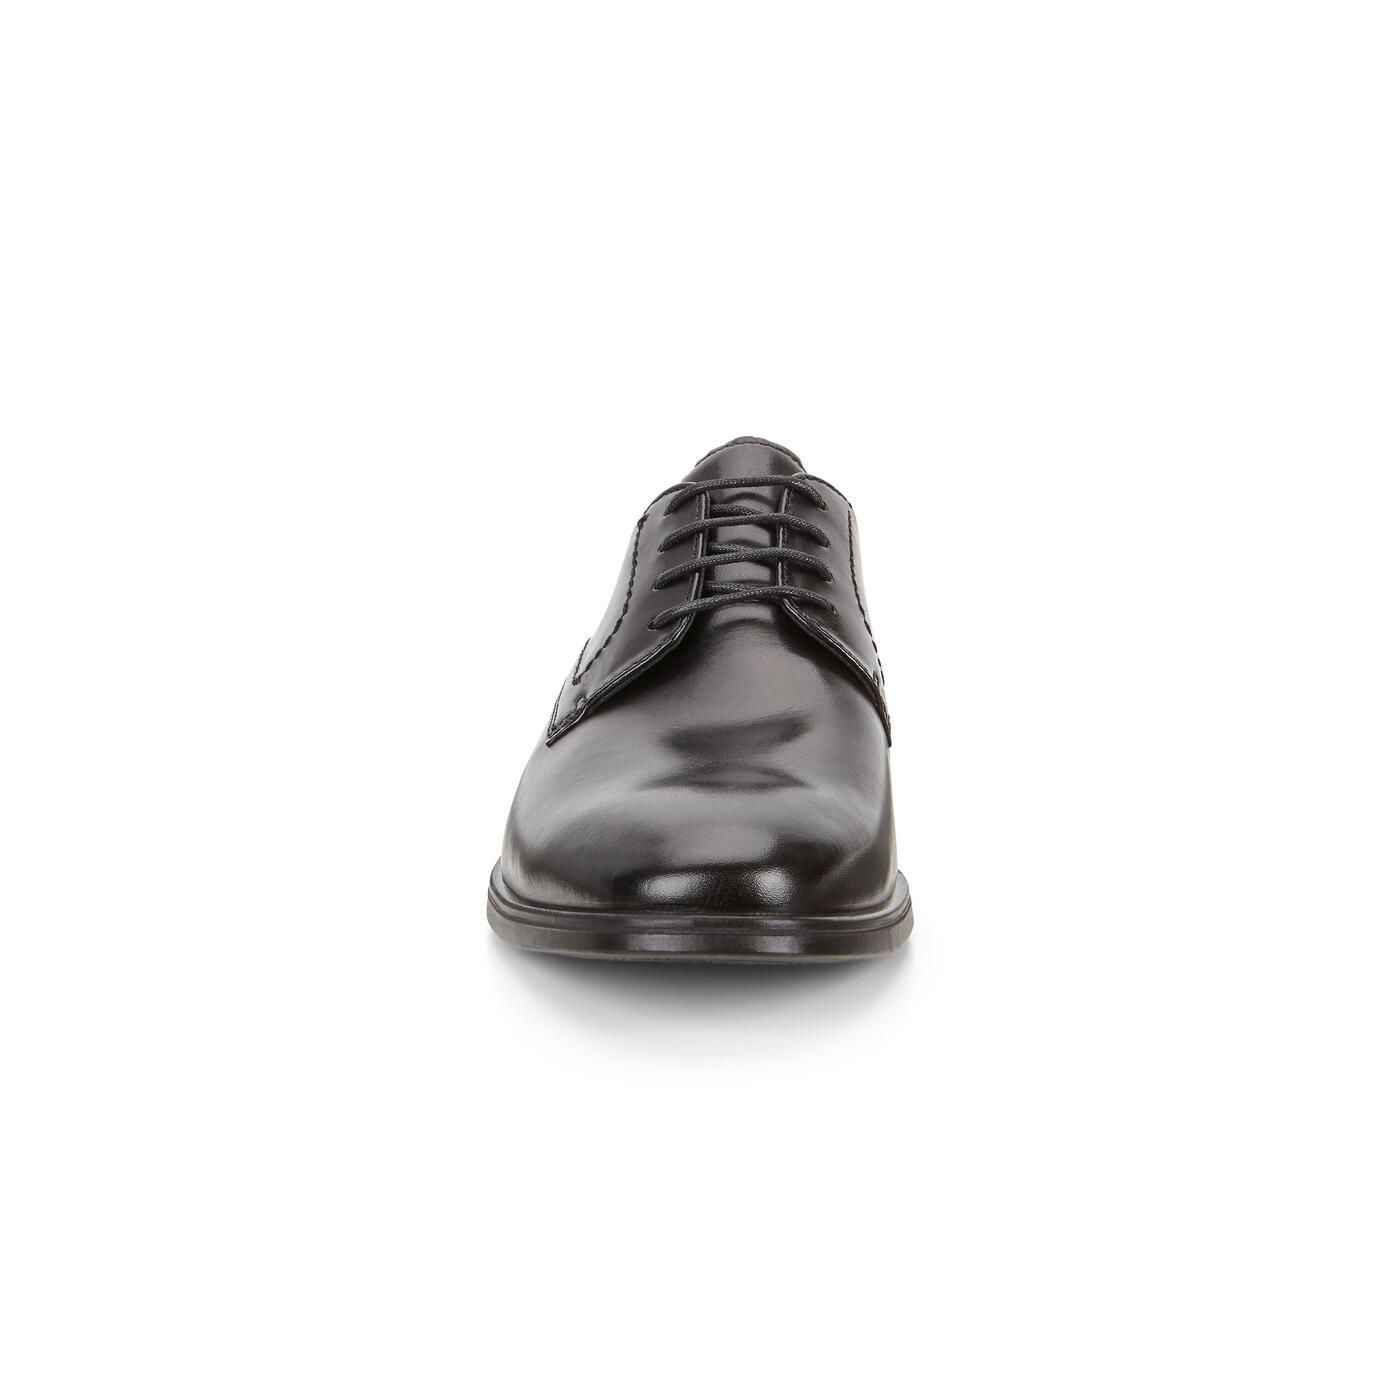 ECCO Melbourne Men's Lace-Up Derby Shoes